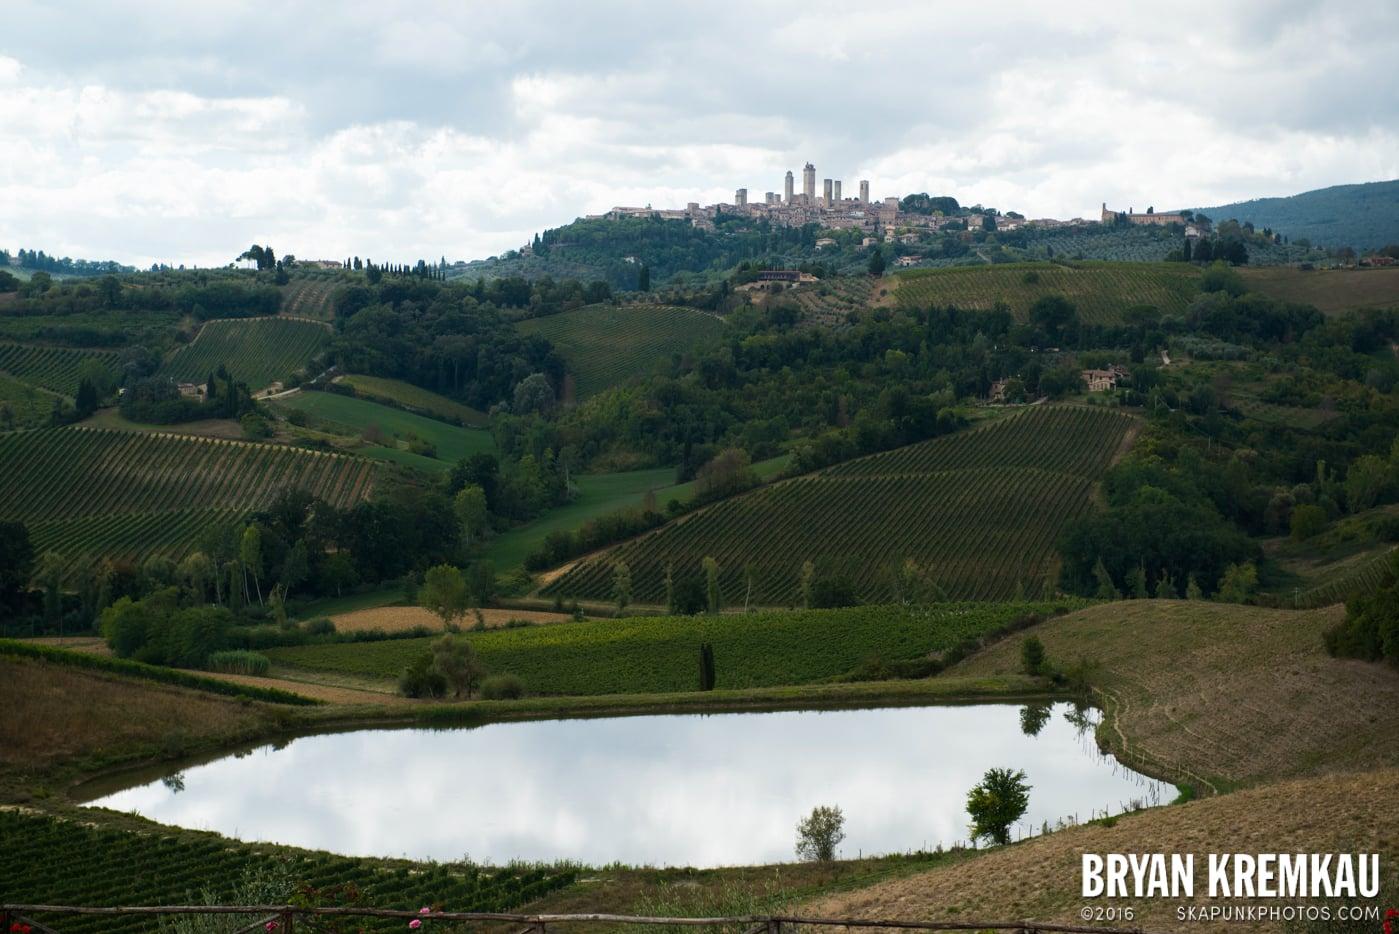 Italy Vacation - Day 8: Siena, San Gimignano, Chianti, Pisa - 9.16.13 (92)